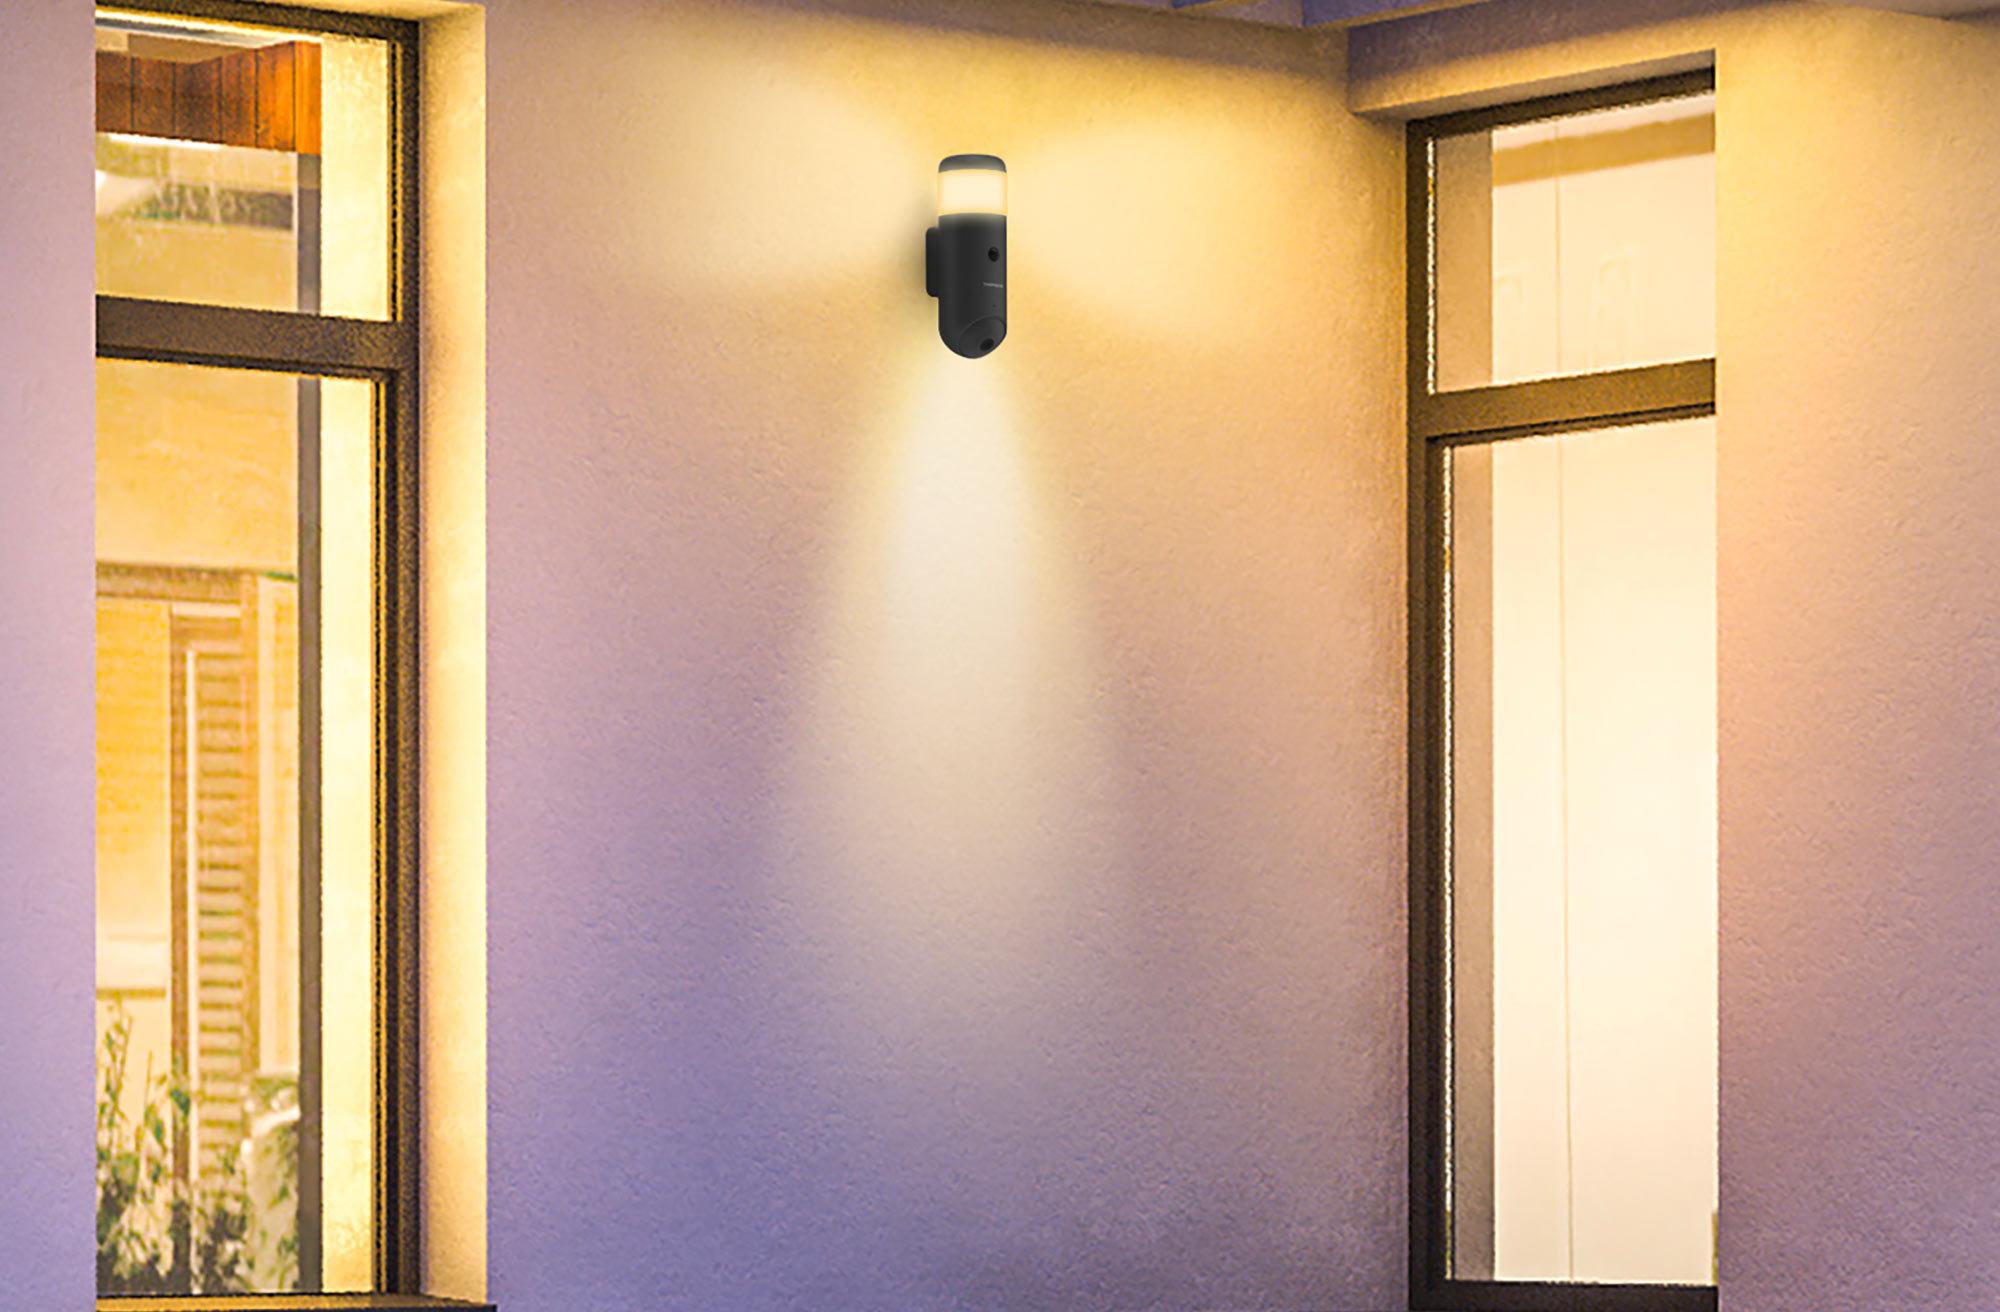 Rheita 100 : la caméra extérieure motorisée qui sécurise, éclaire et alerte